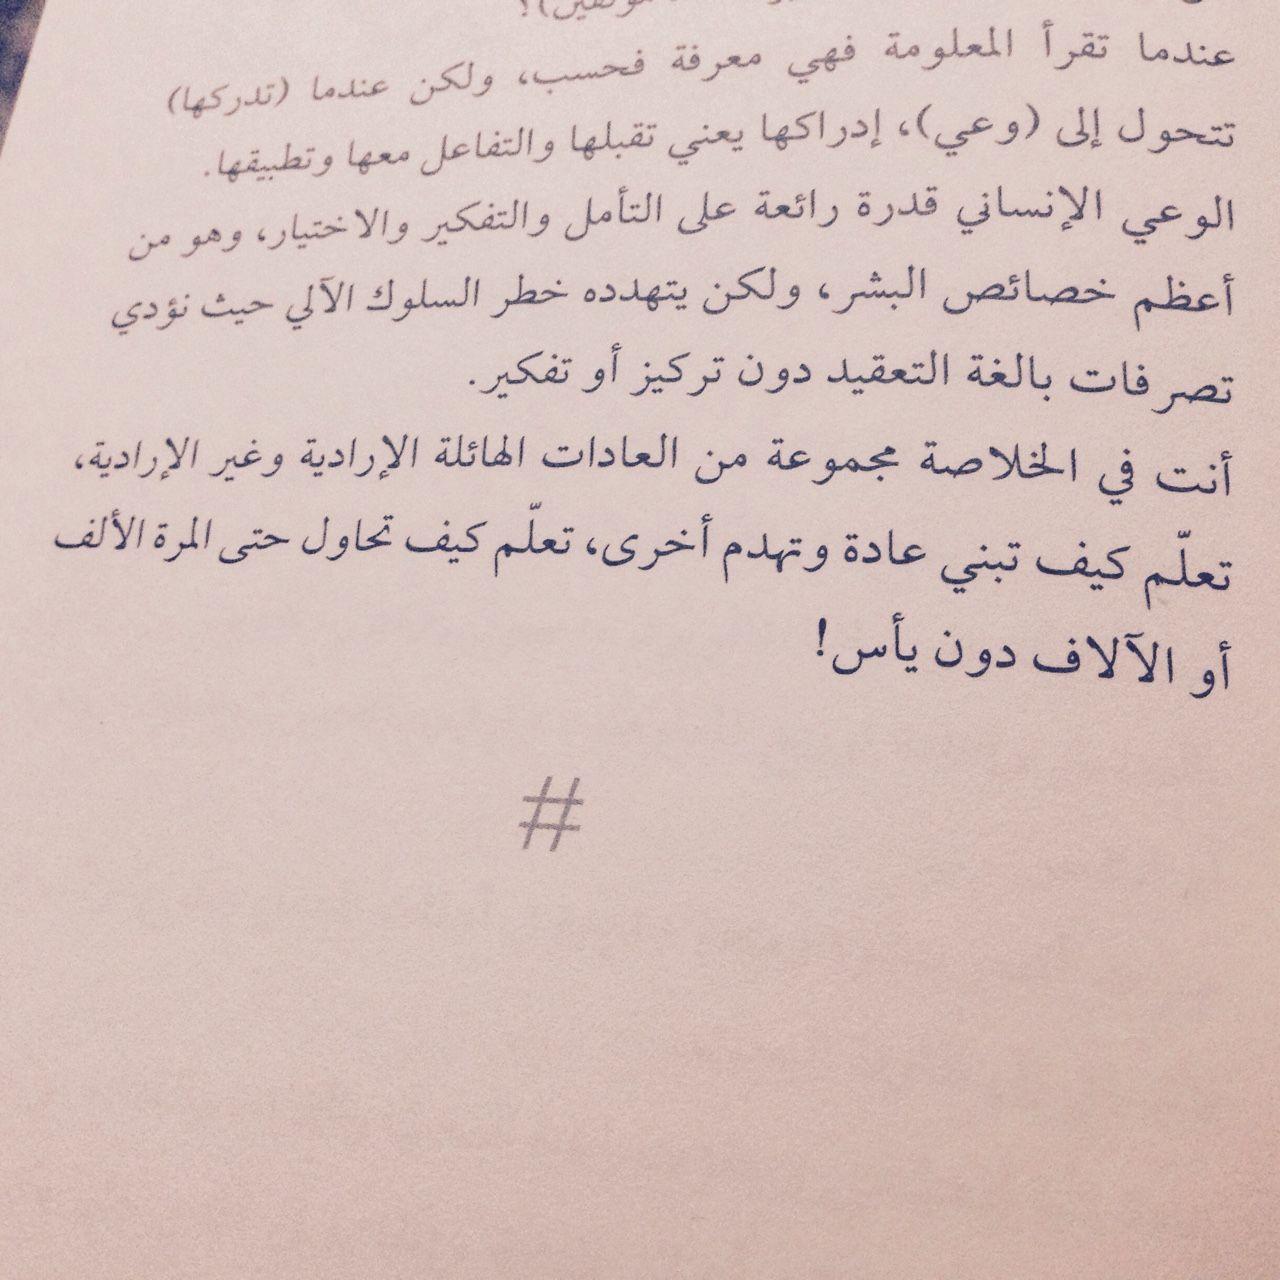 حاول تفتكرني 2afaf مقطع من كتاب زنزانة للأستاذ سلمان العودة Math Arabic Calligraphy Calligraphy